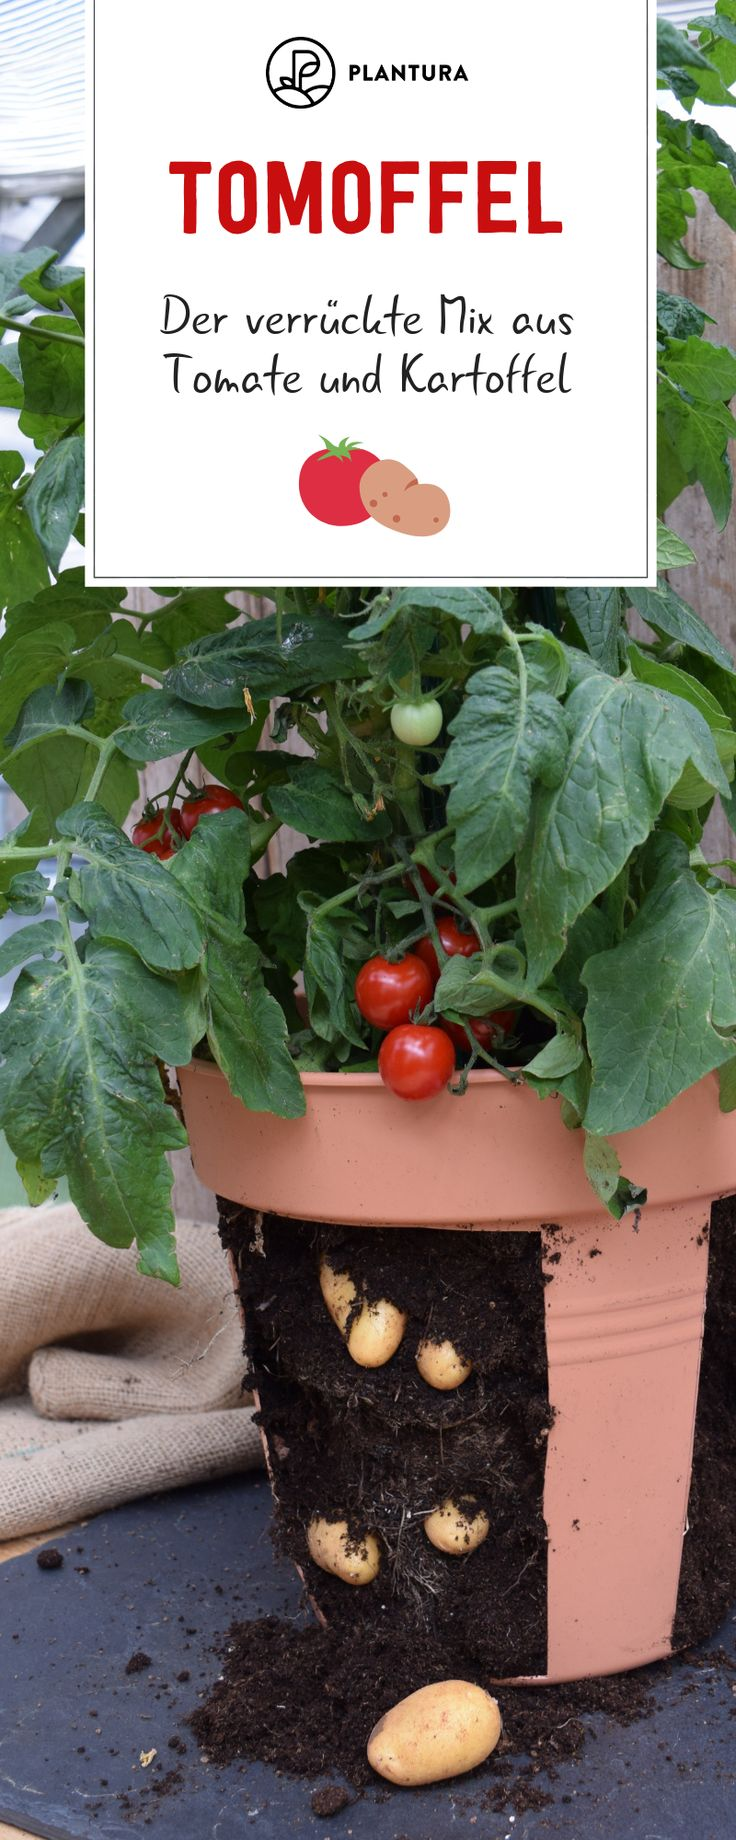 tomoffel tomaten auf kartoffeln veredeln video anleitung. Black Bedroom Furniture Sets. Home Design Ideas